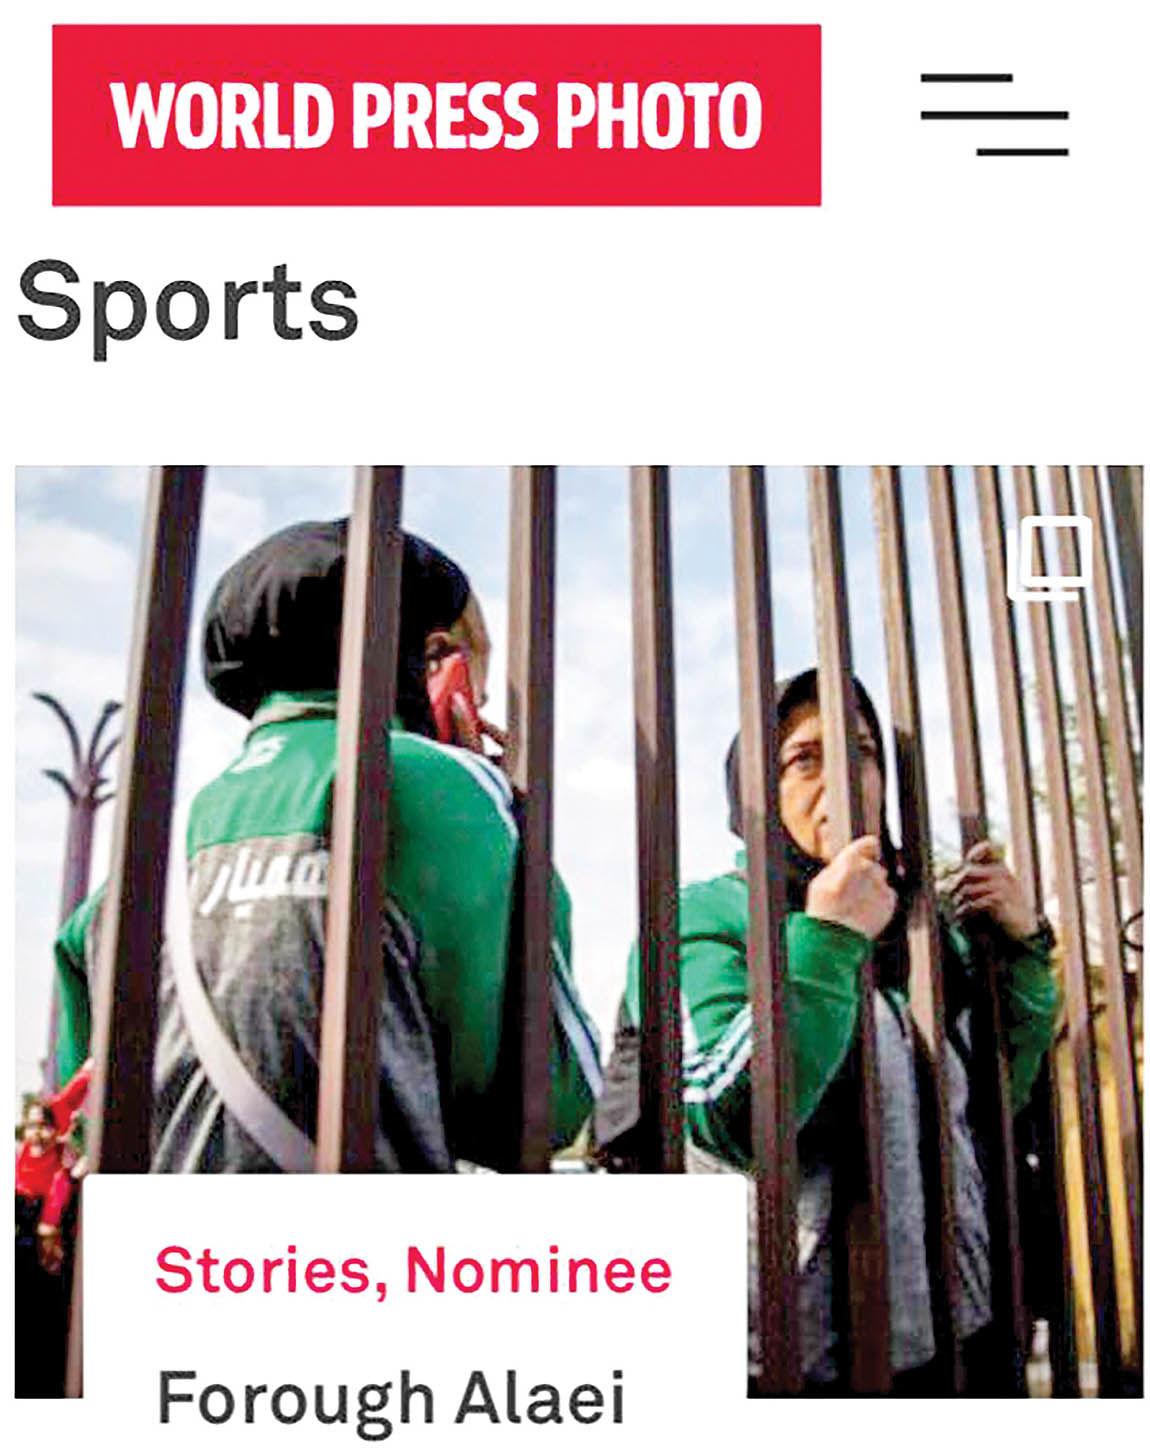 عکاس «دنیای اقتصاد» در بین برترینهای جایزه «ورلد پرس فوتو»